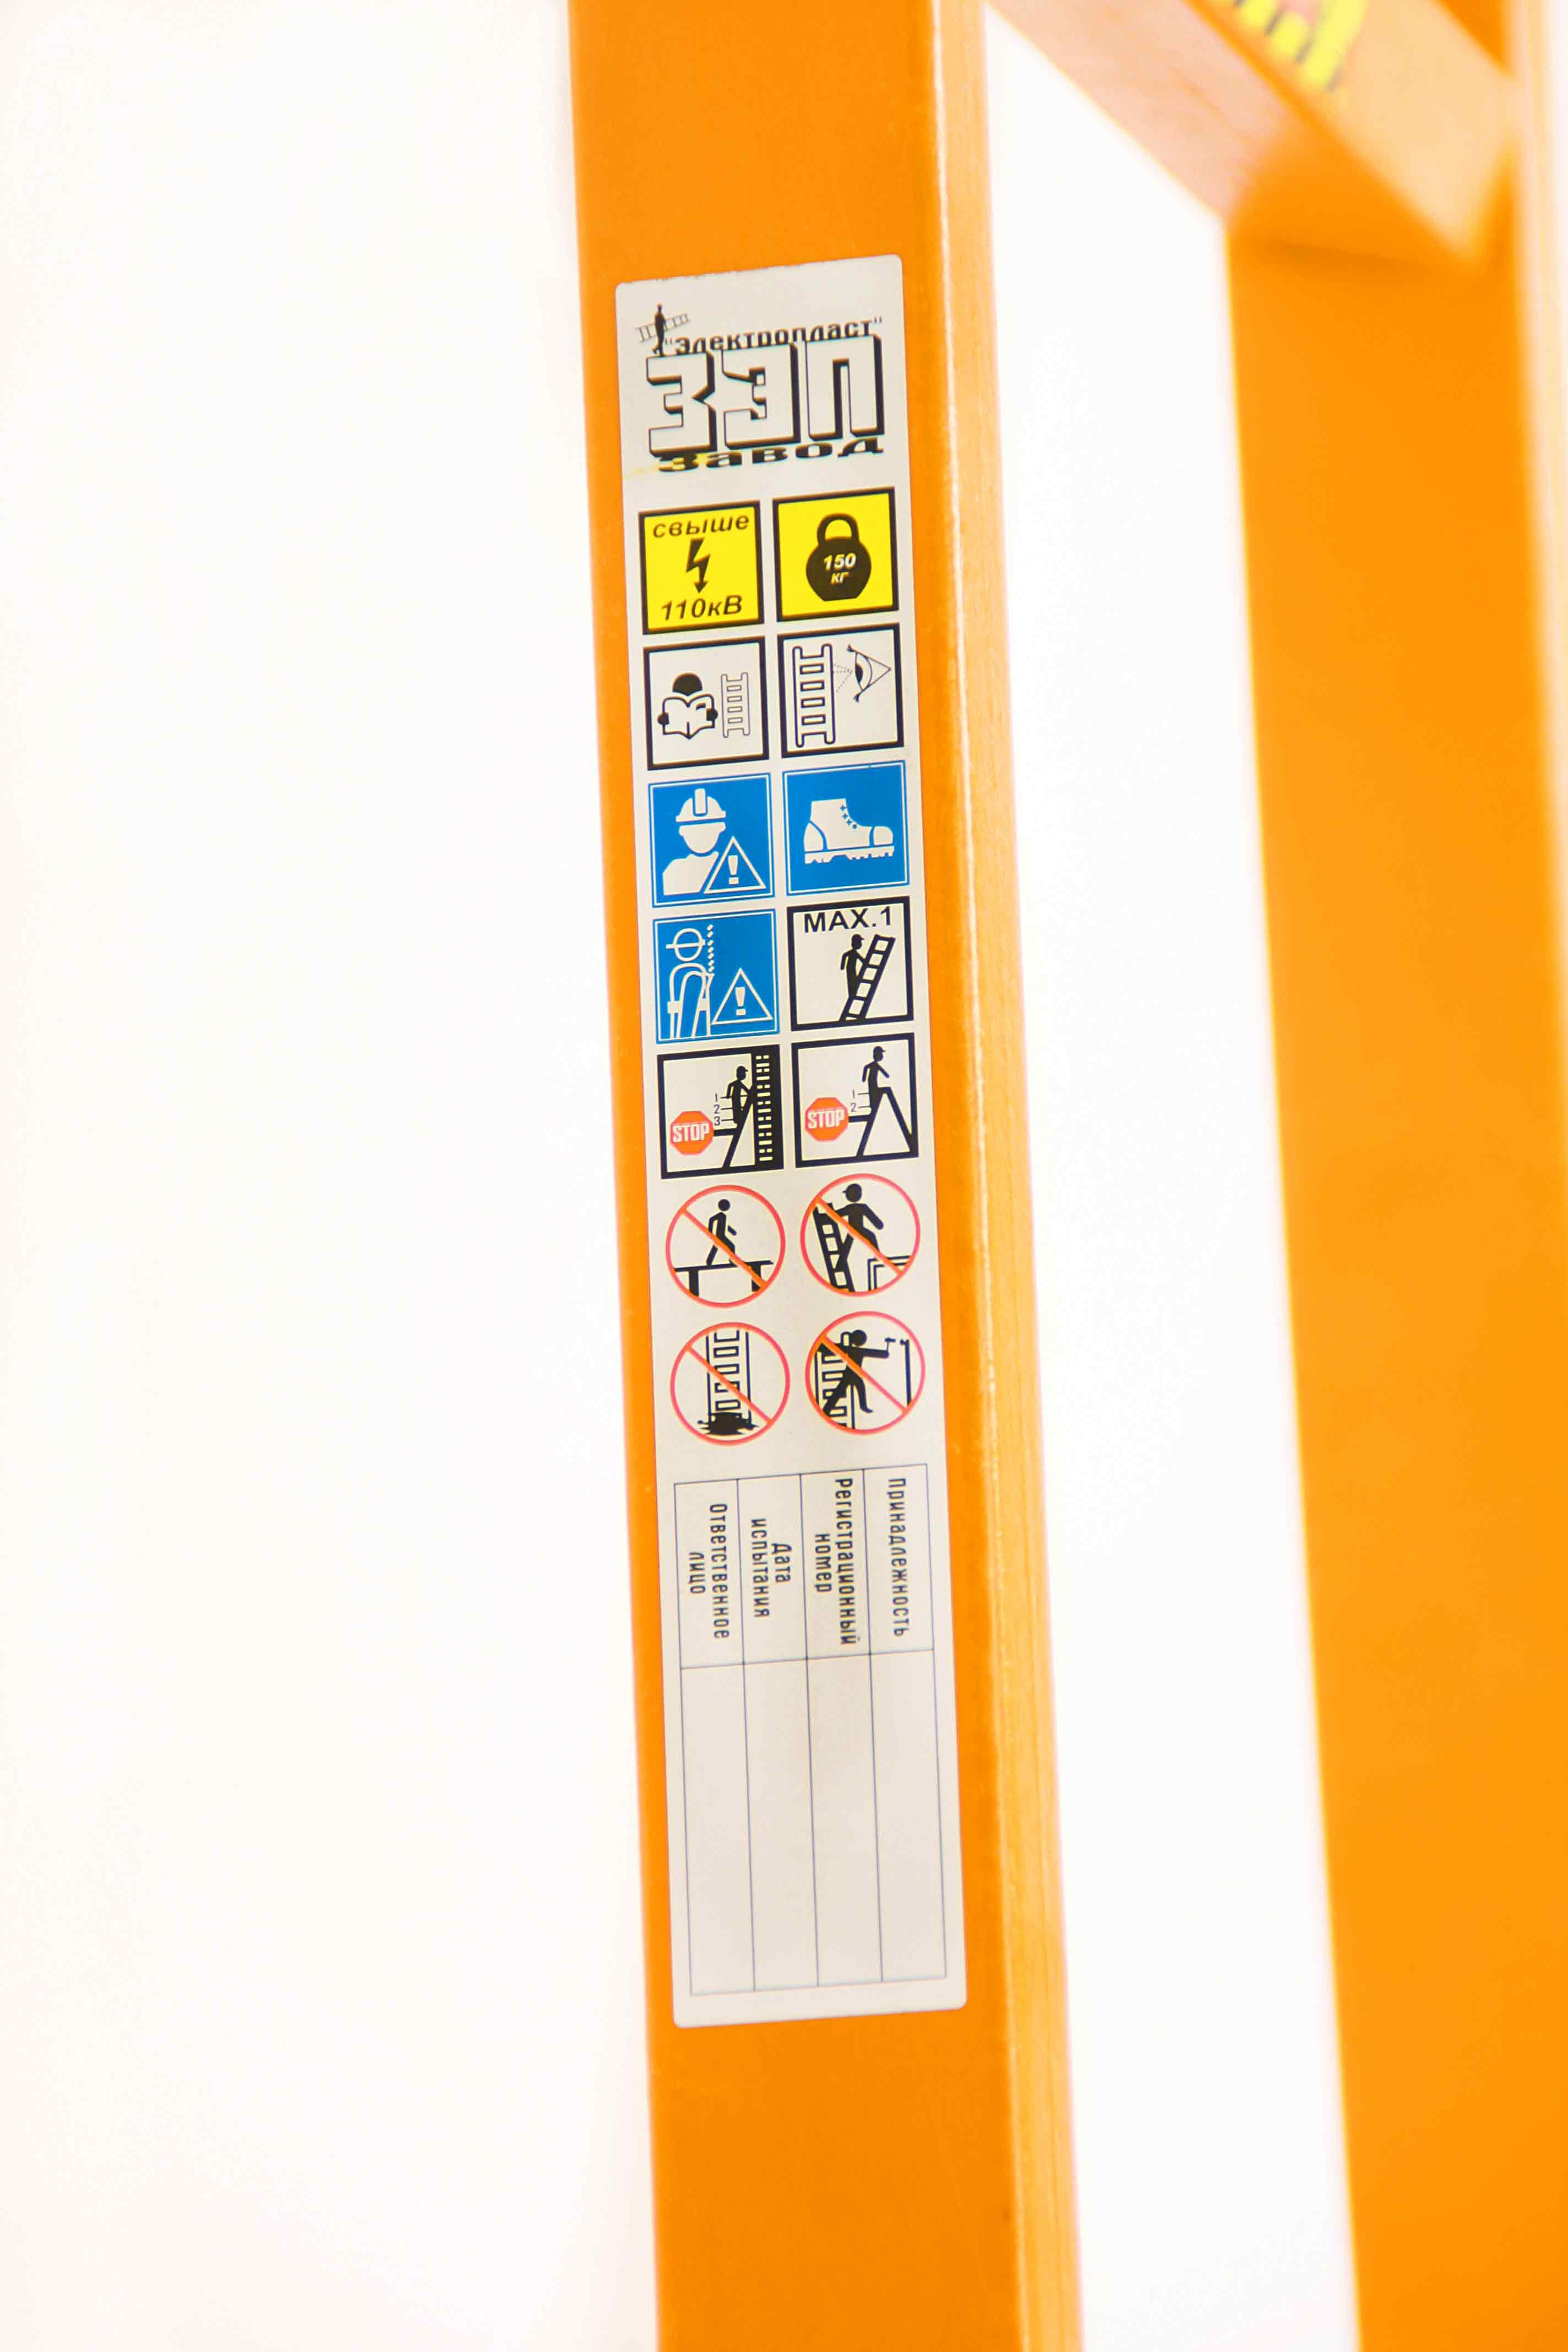 Лестница стекловолоконная приставная ЗЭП ЛСП-3,0-42 (3 м, 8 ступеней), с протоколом испытаний